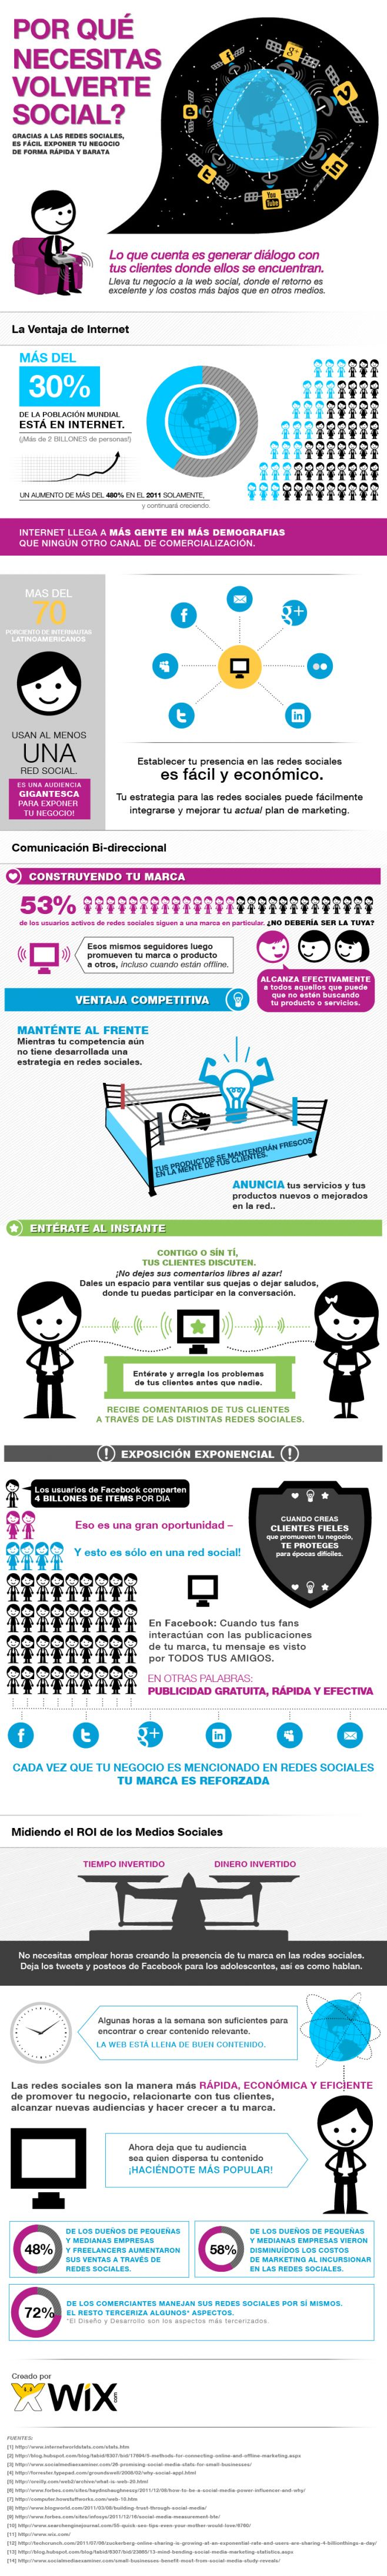 Más del 70% de internautas latinoamericanos usan al menos una red social [infografía]                                                                                                                                                                                 Más